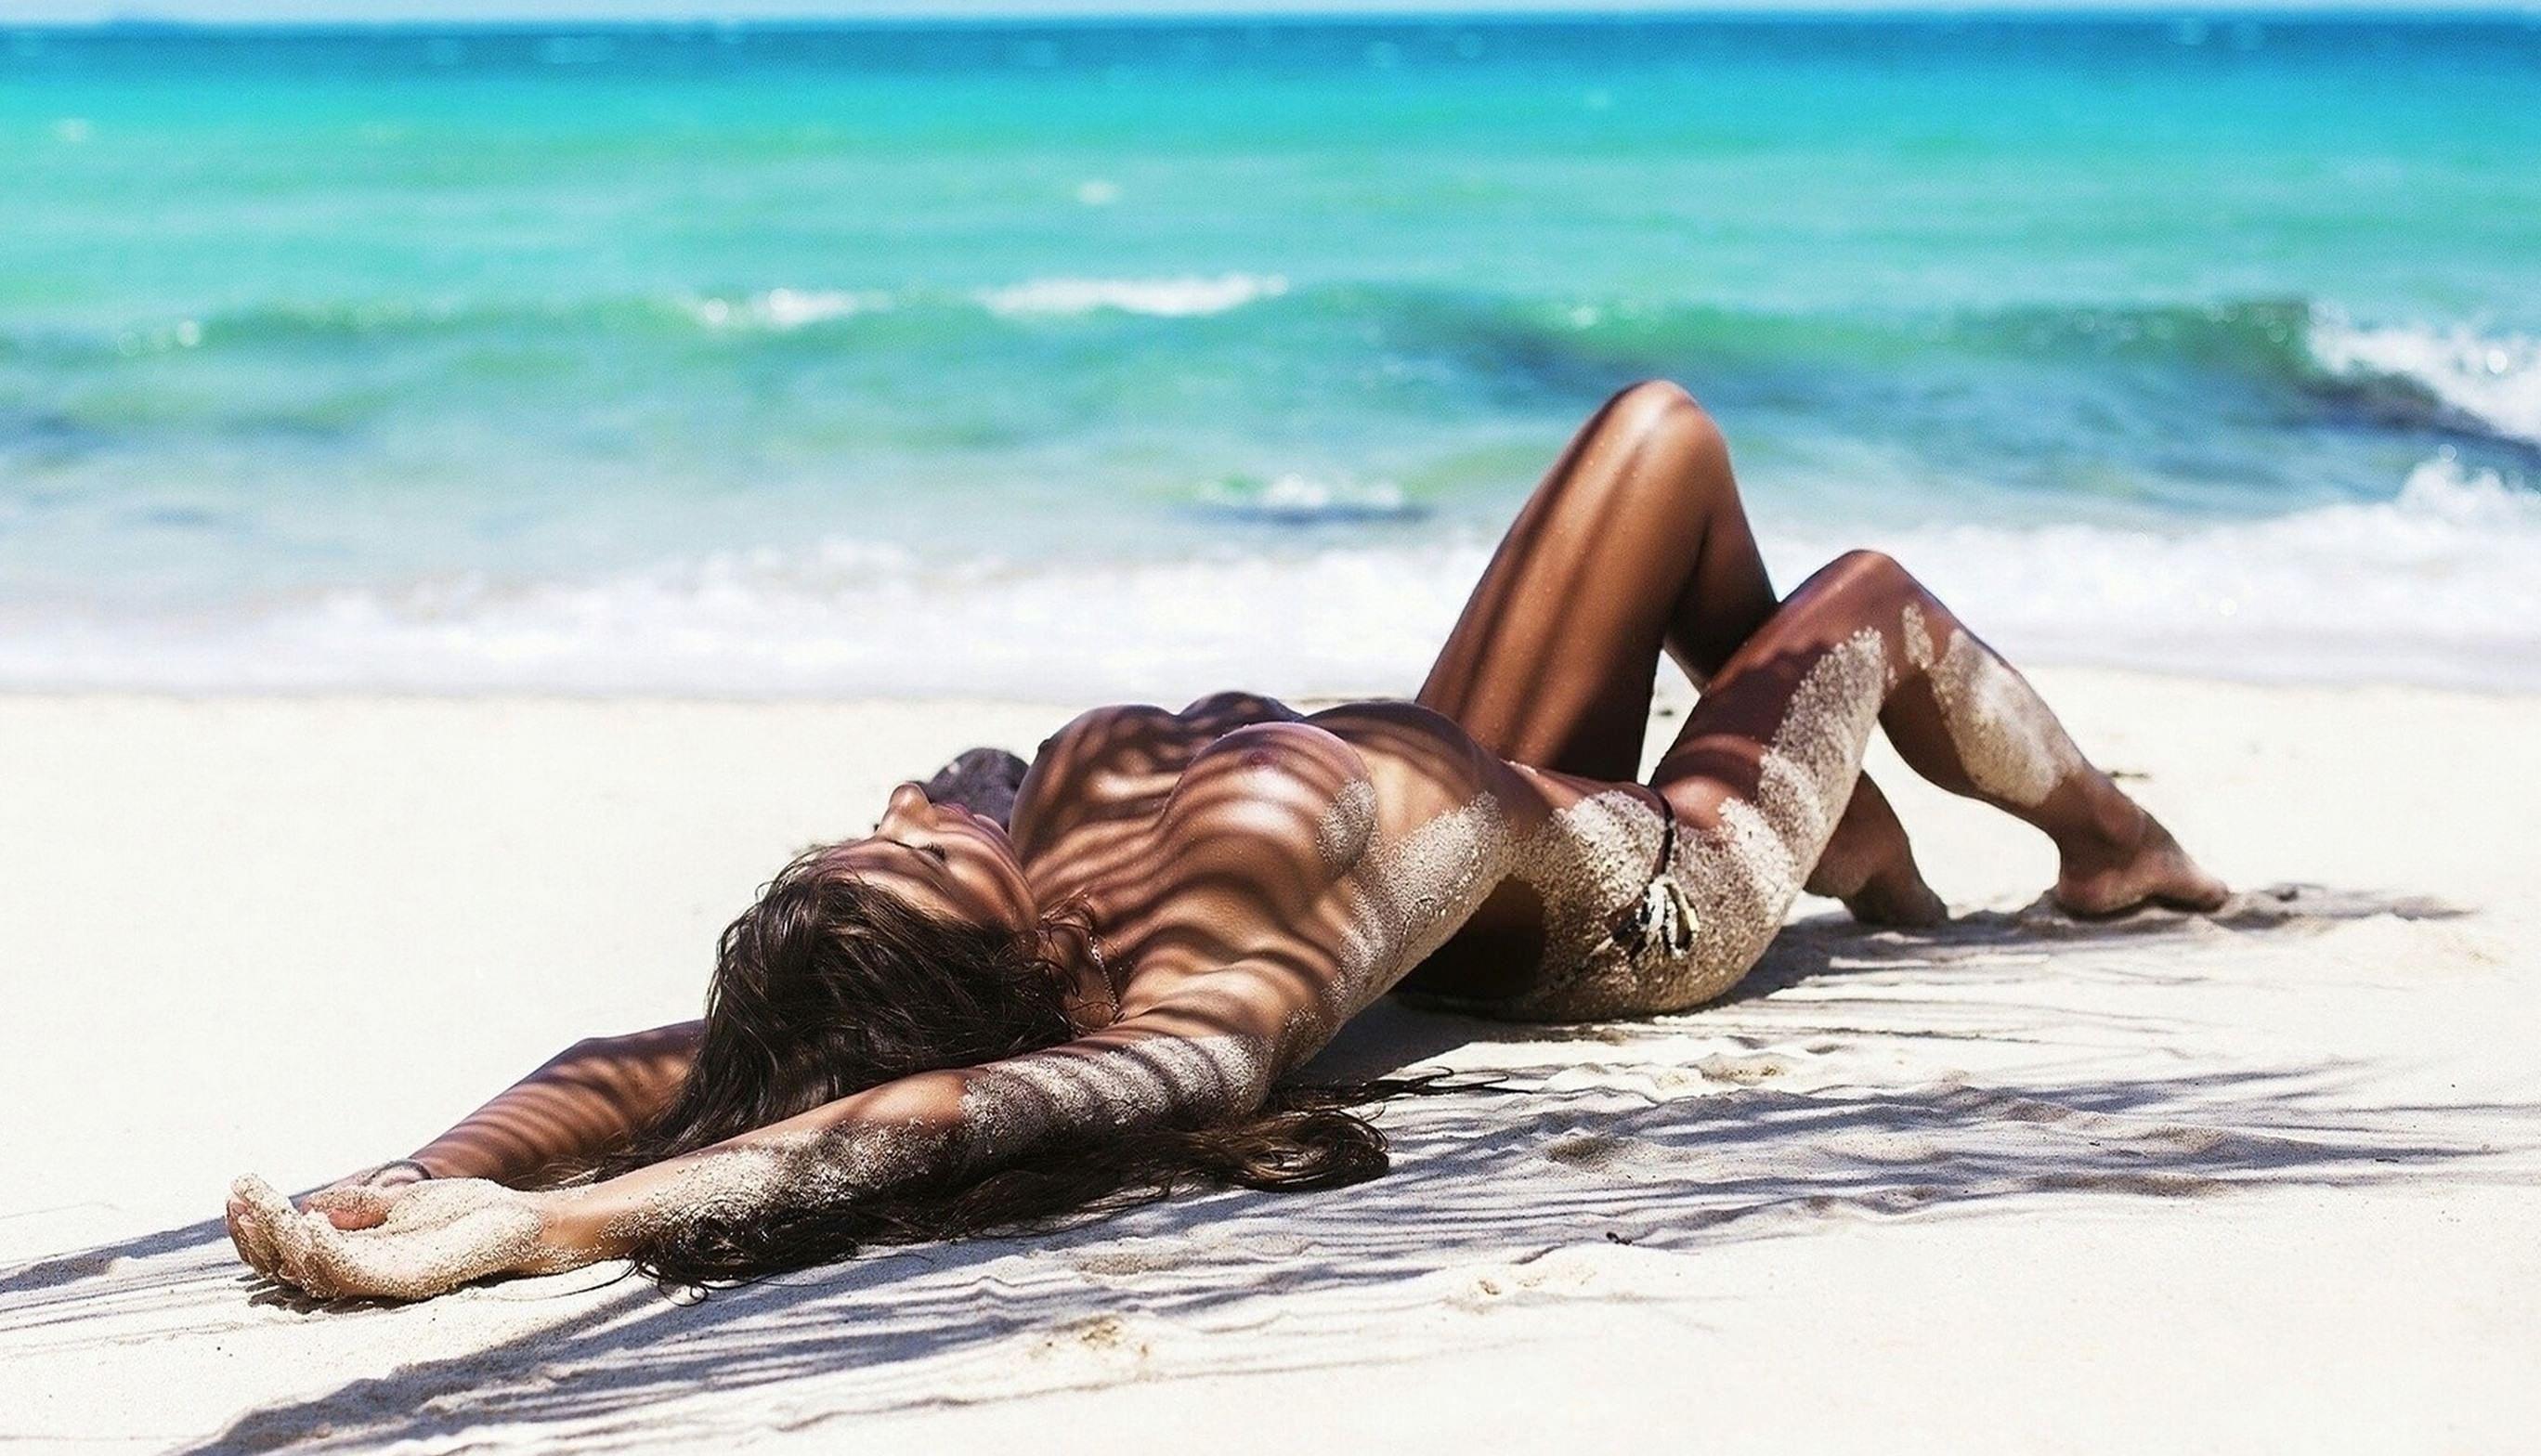 Фото Голая девушка на песке, море, пляже, песок, жара, сексуальное загорелое тело в песке, скачать картинку бесплатно